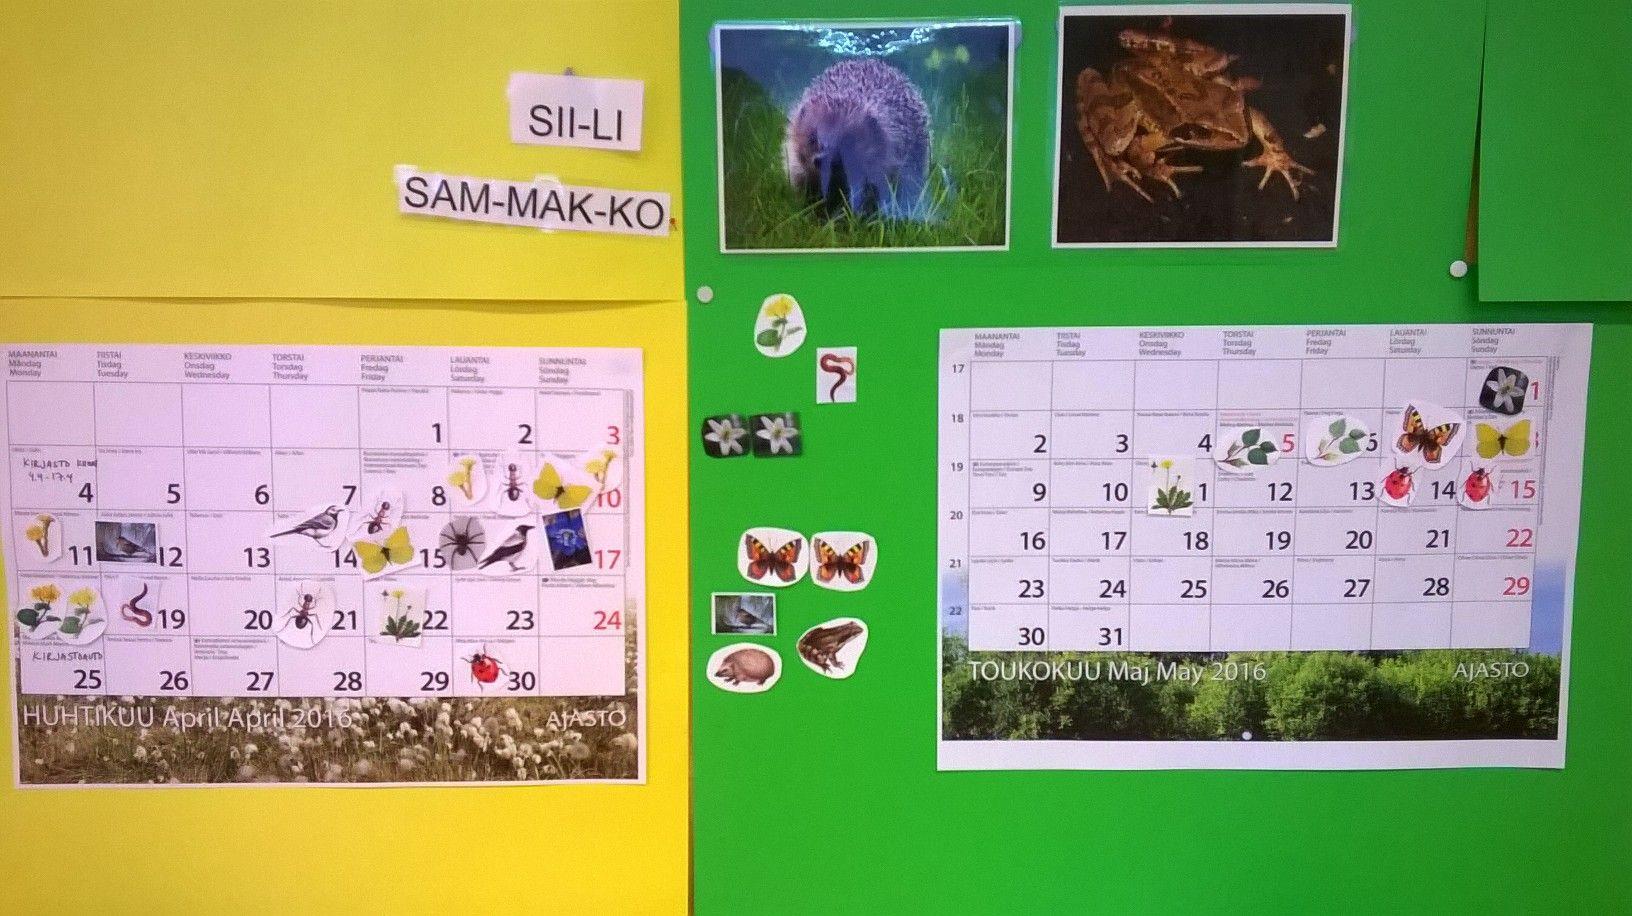 Luokan yhteistä kevätseurantaa kuvilla. Lajeja voi lisätä aina kun opitaan uusia.